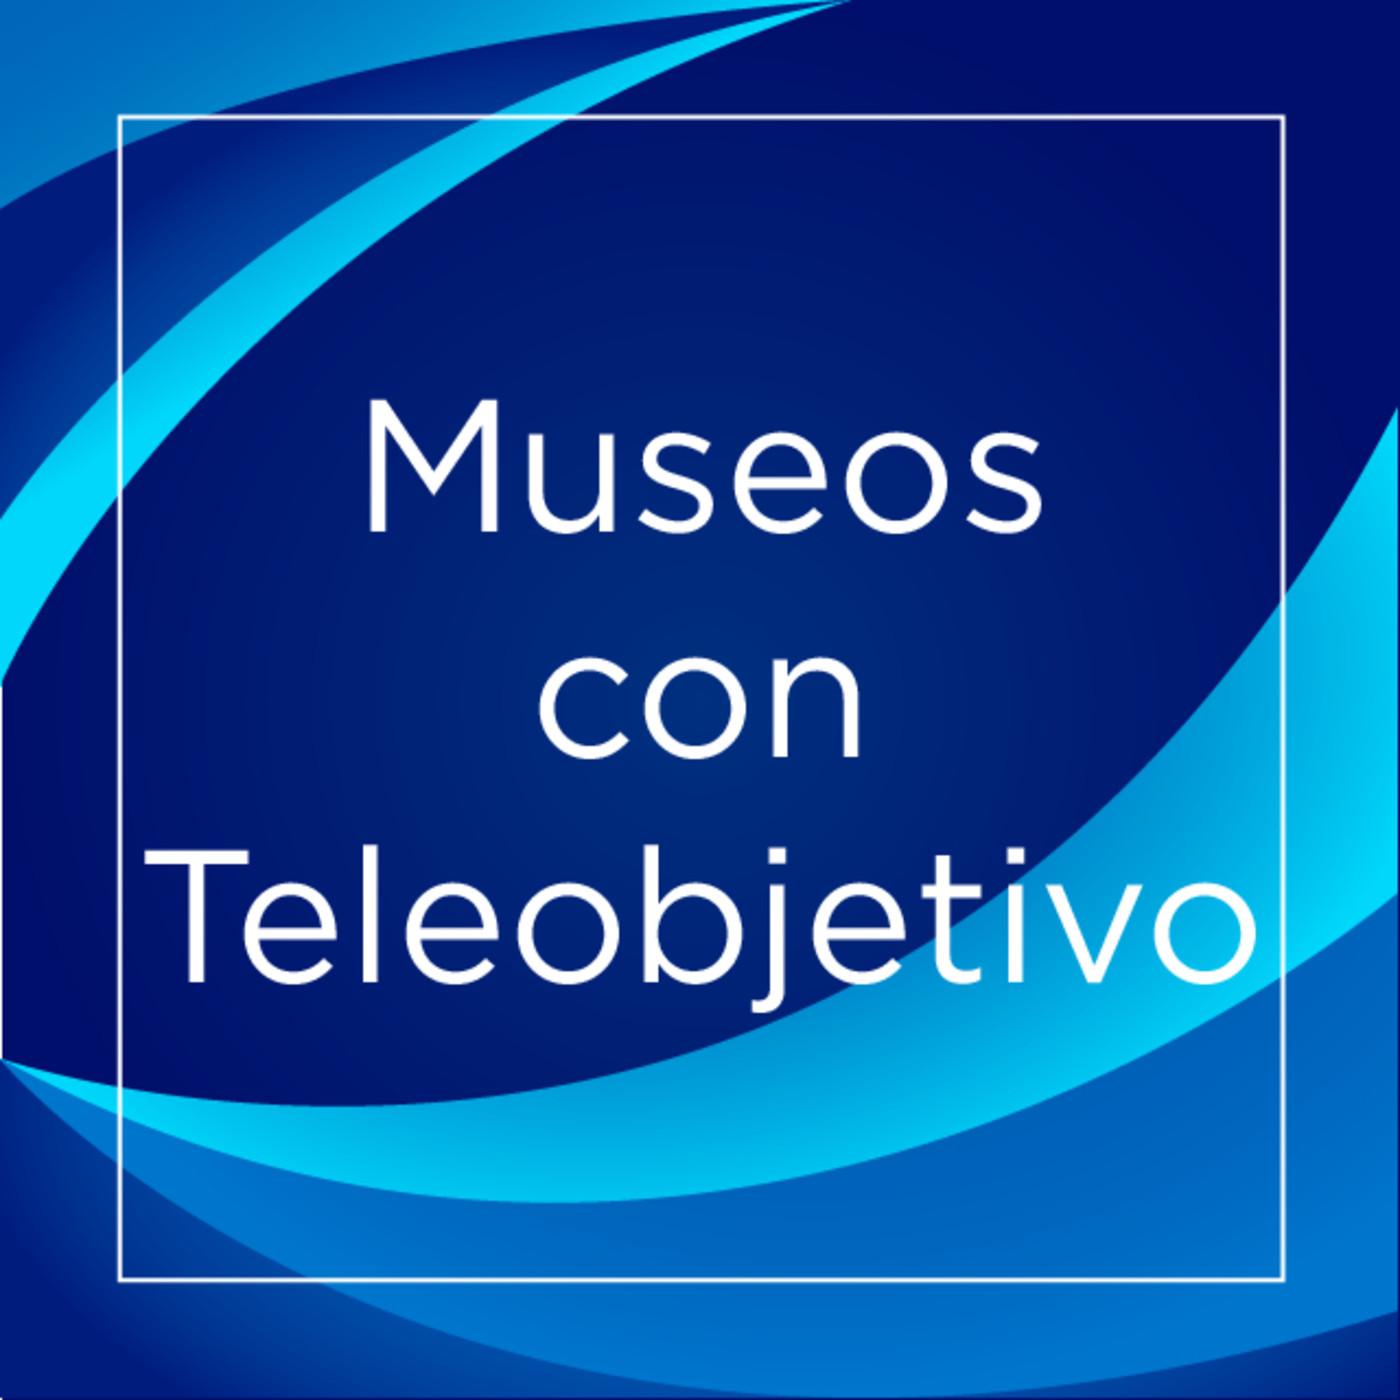 Museos con Teleobjetivo E.8 T.6